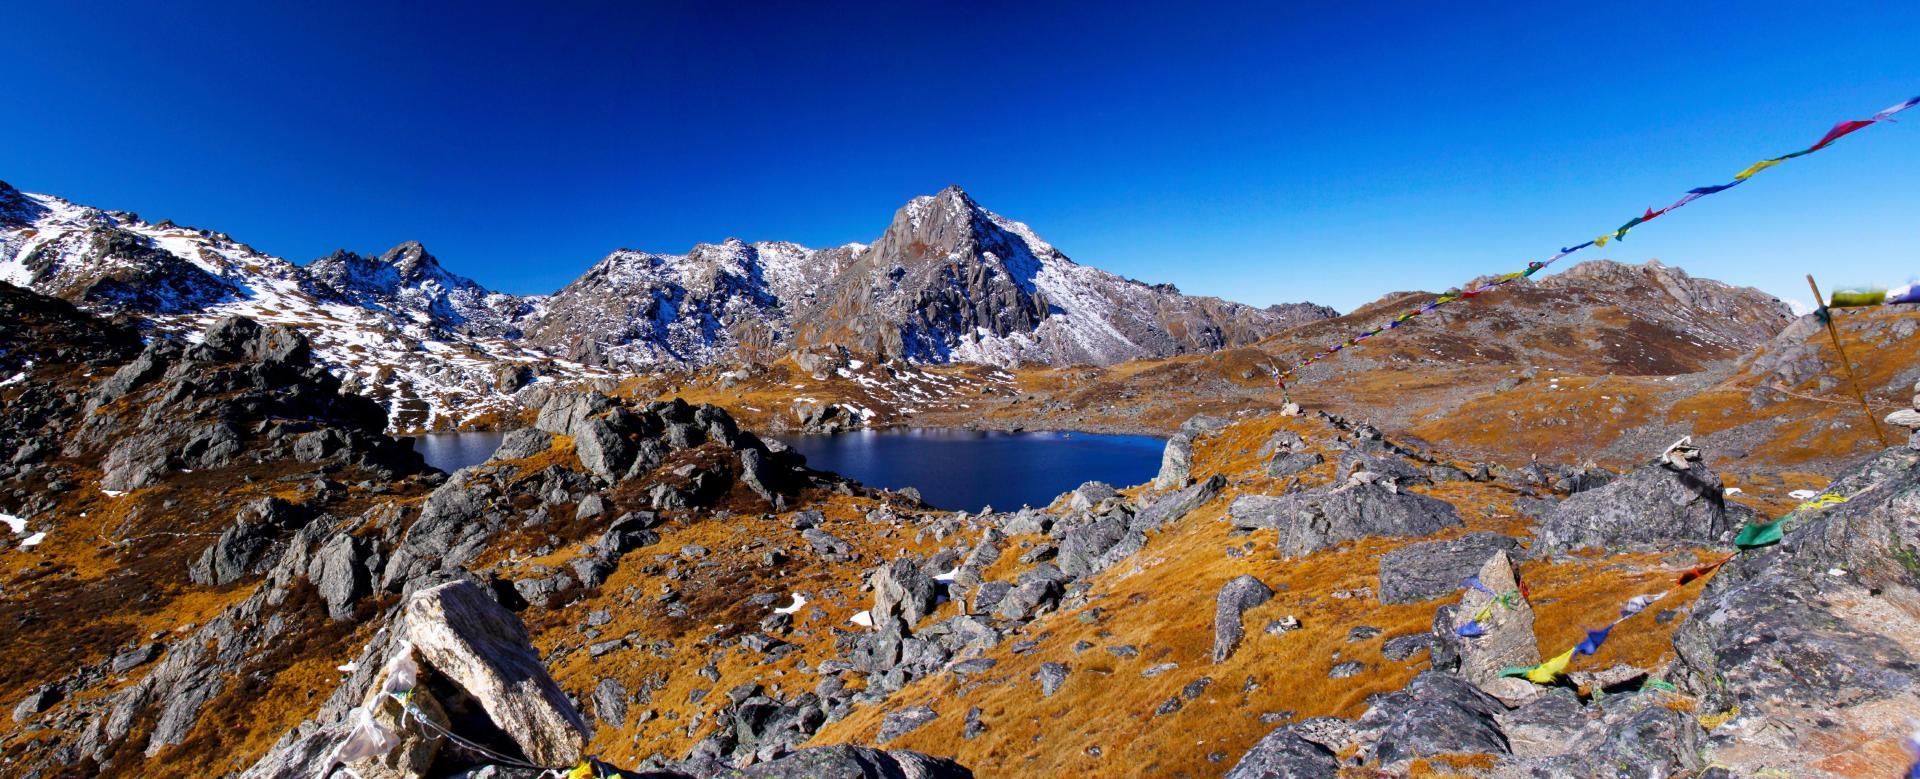 Voyage à pied : Langtang et lacs sacrés de gosainkund